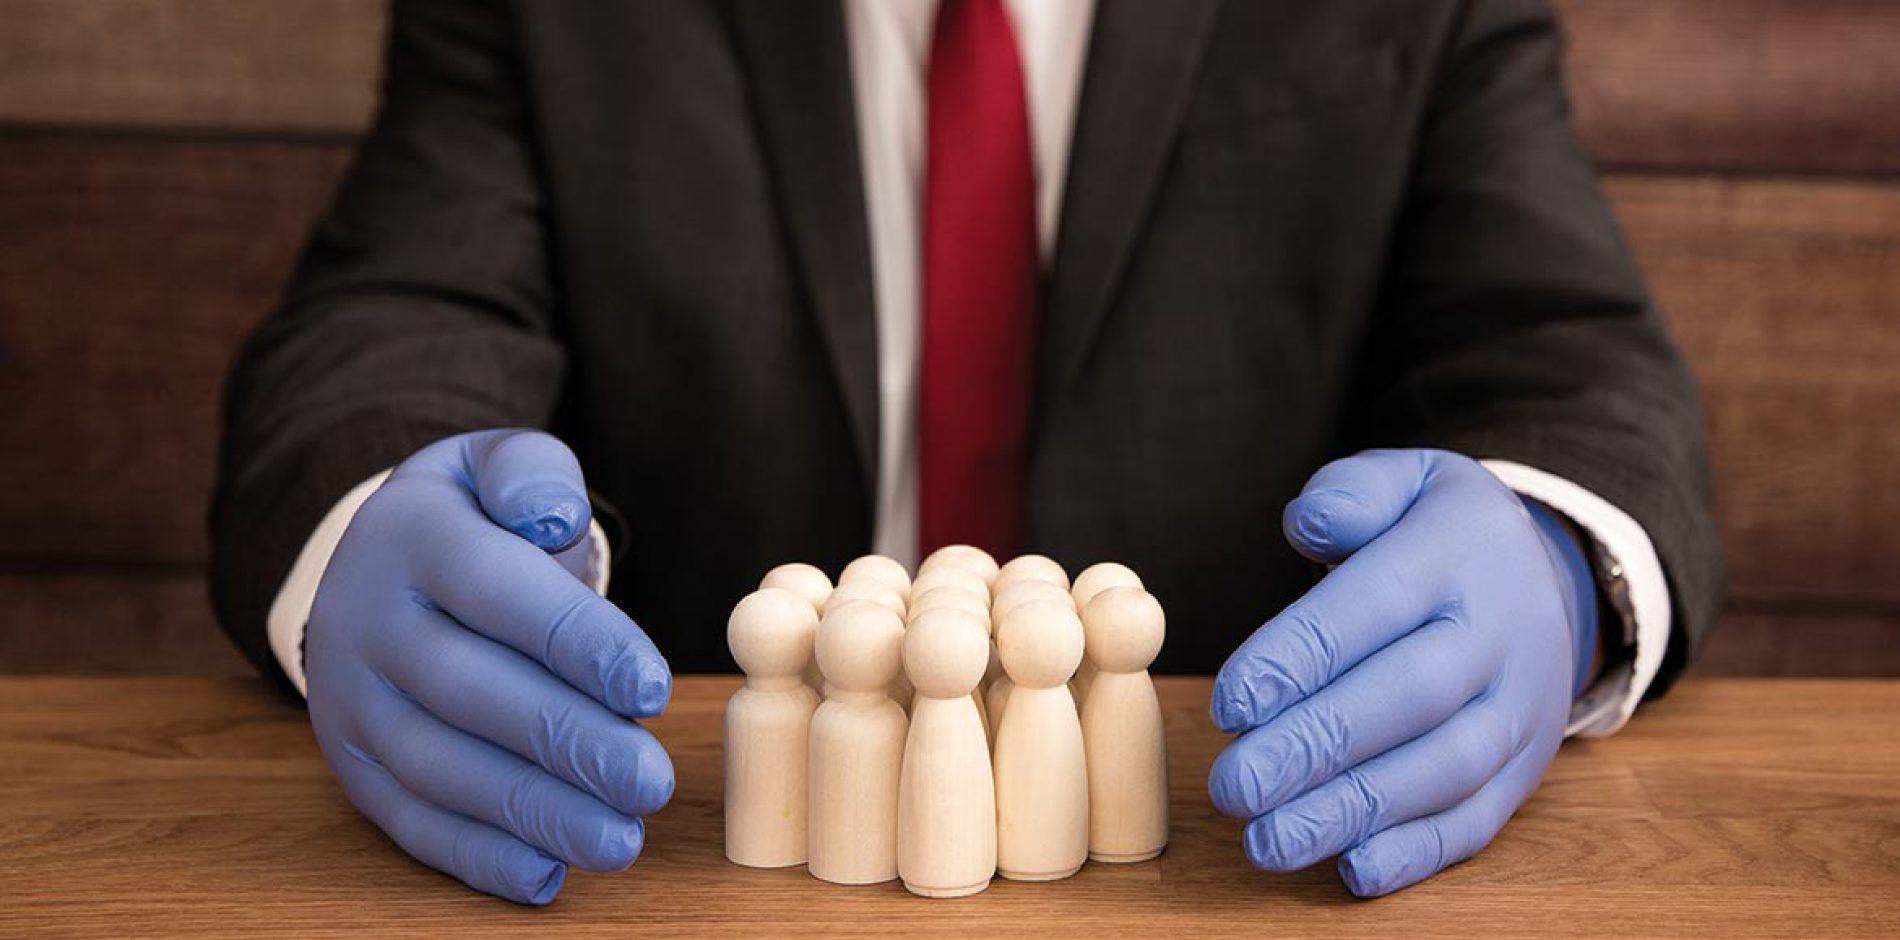 Come gestire le assenze dei lavoratori causate dall'emergenza sanitaria